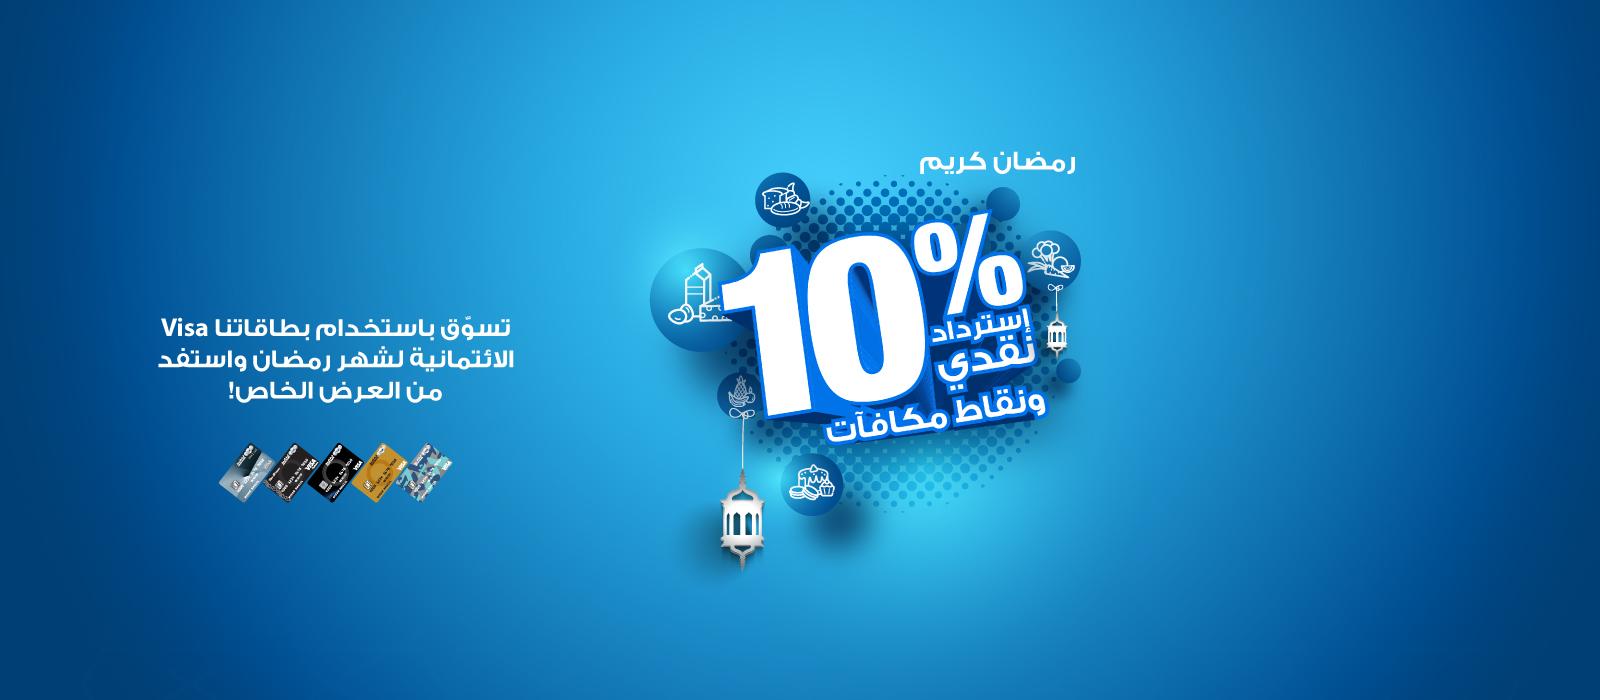 Web Banner 1600x700_A